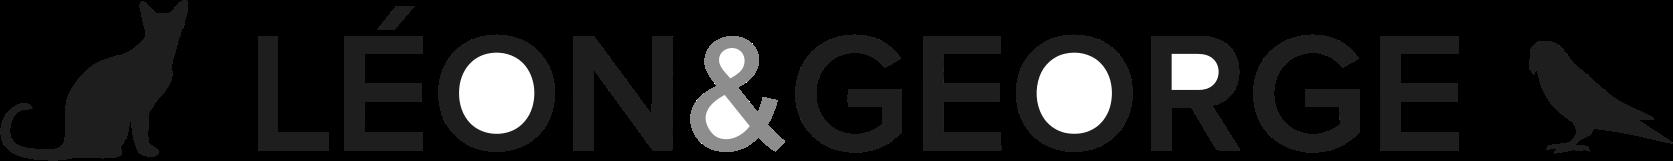 Leon & George testimonial logo.